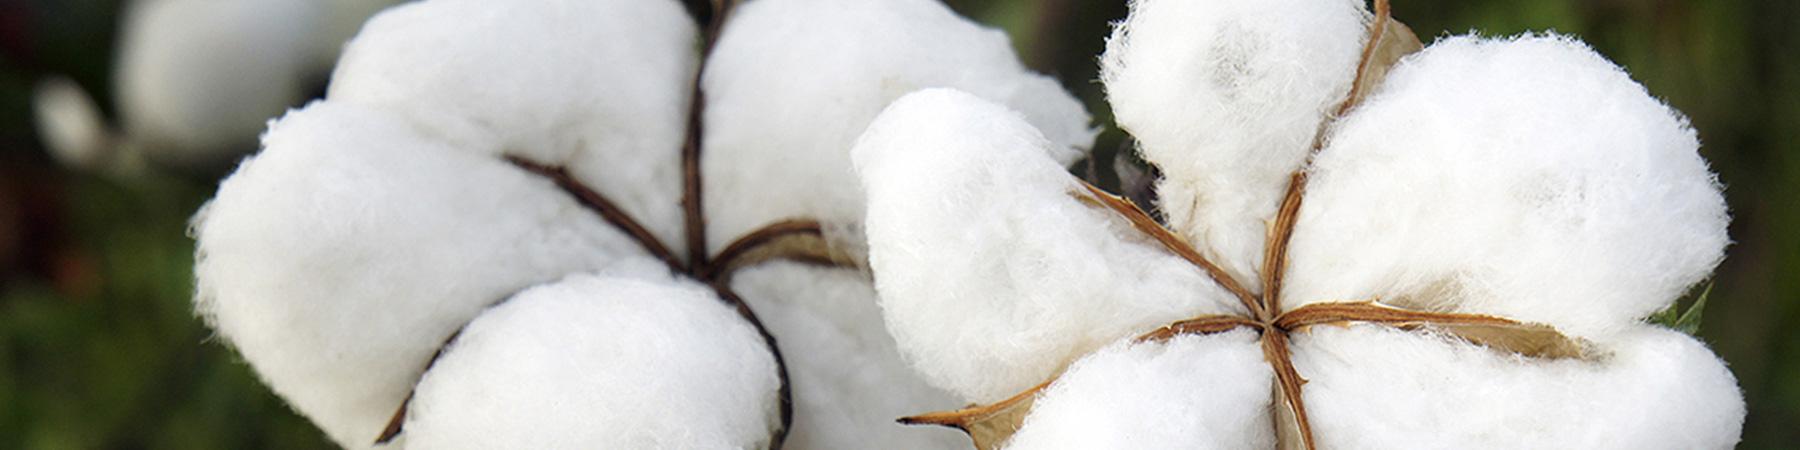 Cultivation of Cotton - Marismas de Lebrija